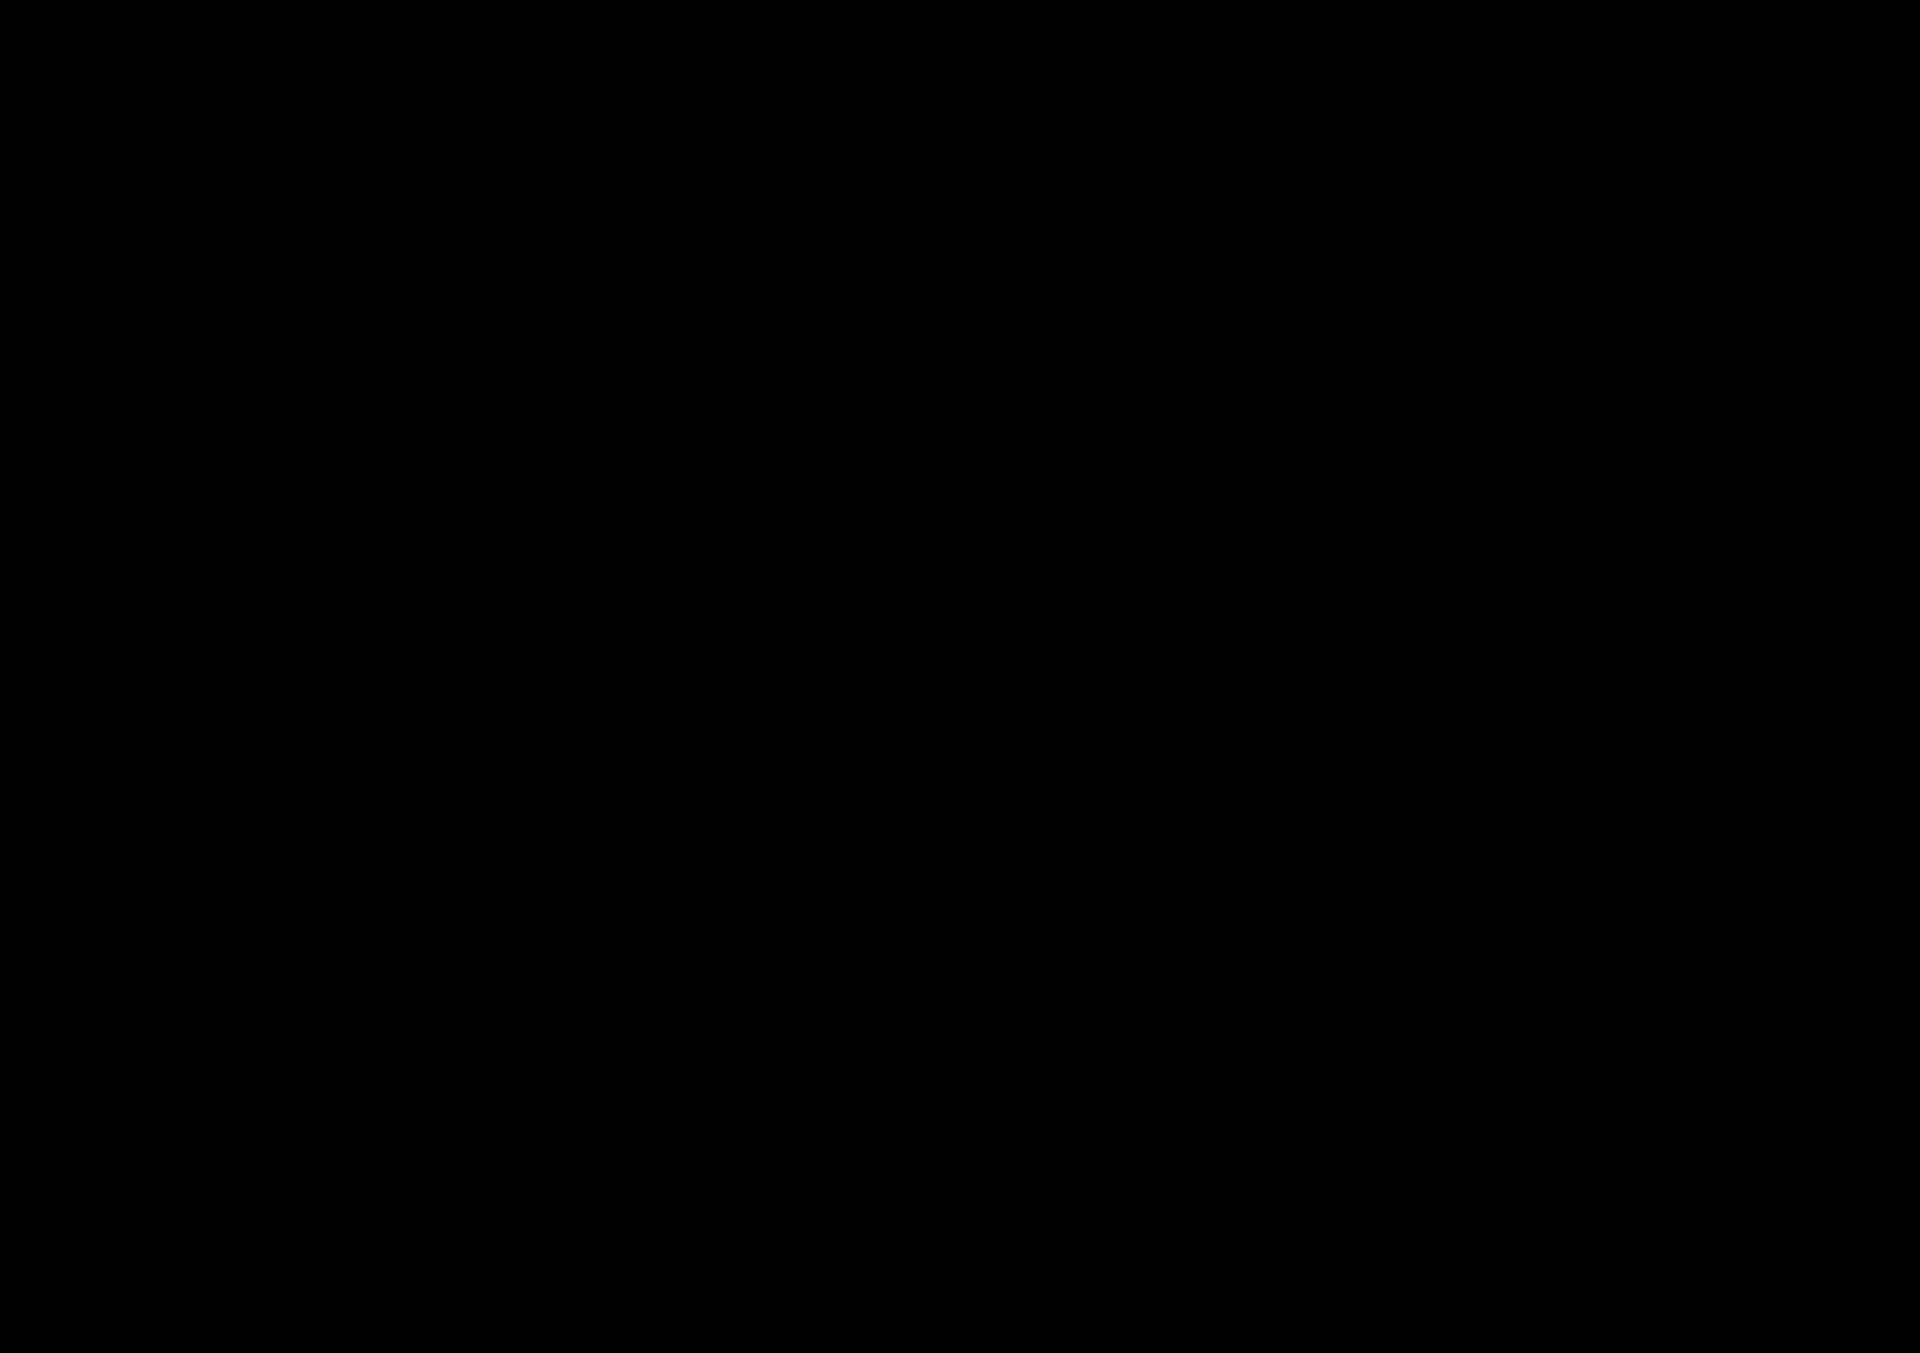 Avaveeujumise koguperefestival 20 ja 21.07 Viljandis